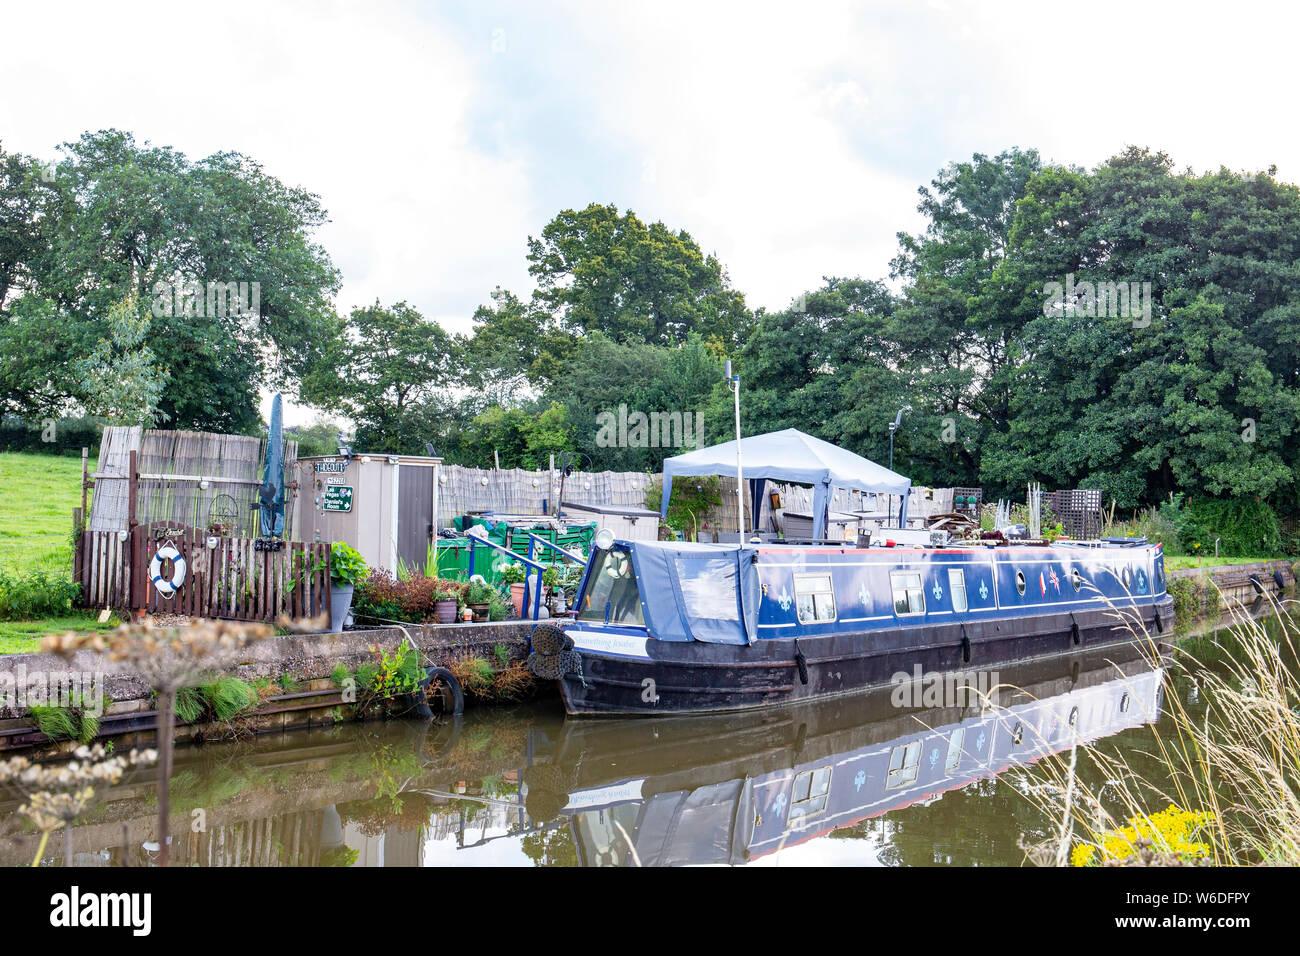 Schmale Boot namens Shawthing Jesabel mit eigenem Garten festgemacht, und Messe, auf der Trent und Mersey Canal in Cheshire UK Stockfoto